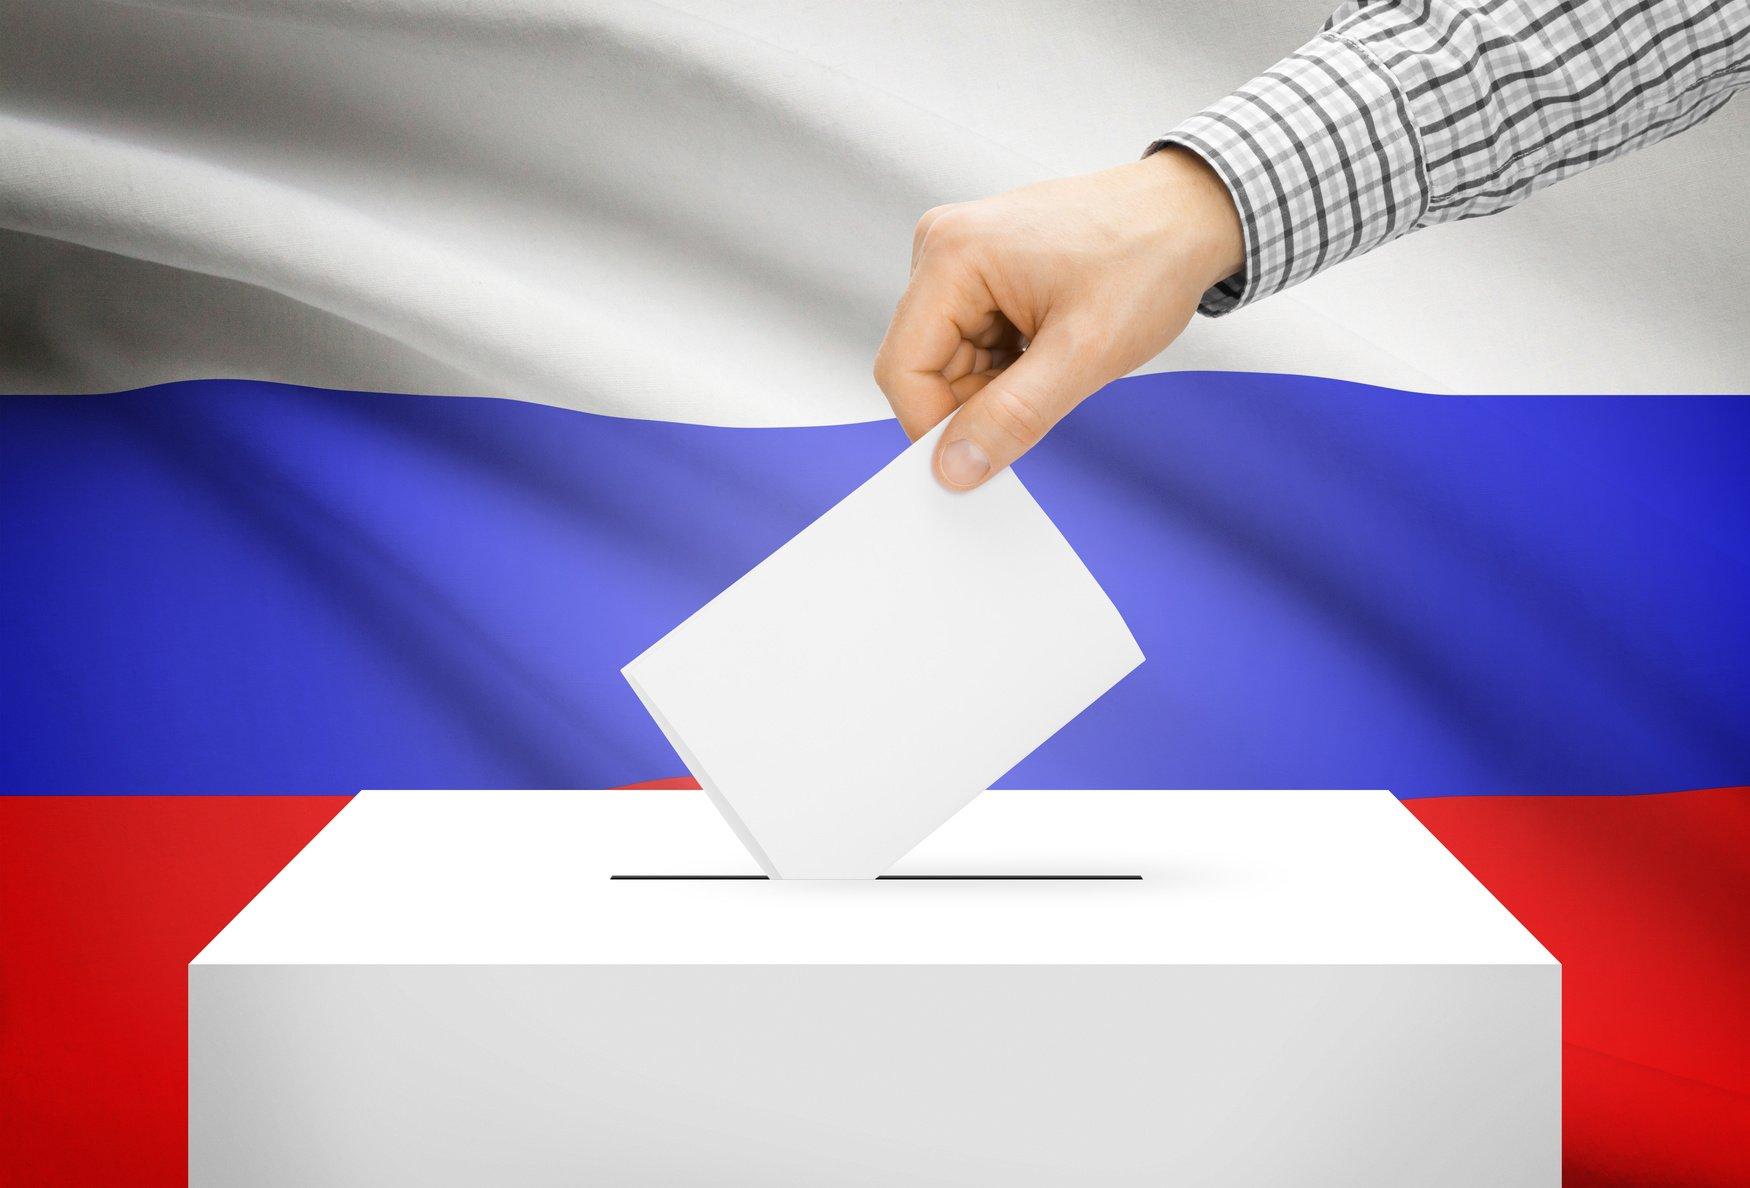 Опрос показал, что «Родину» на предстоящих выборах в Госдуму поддержат 5% Россиян